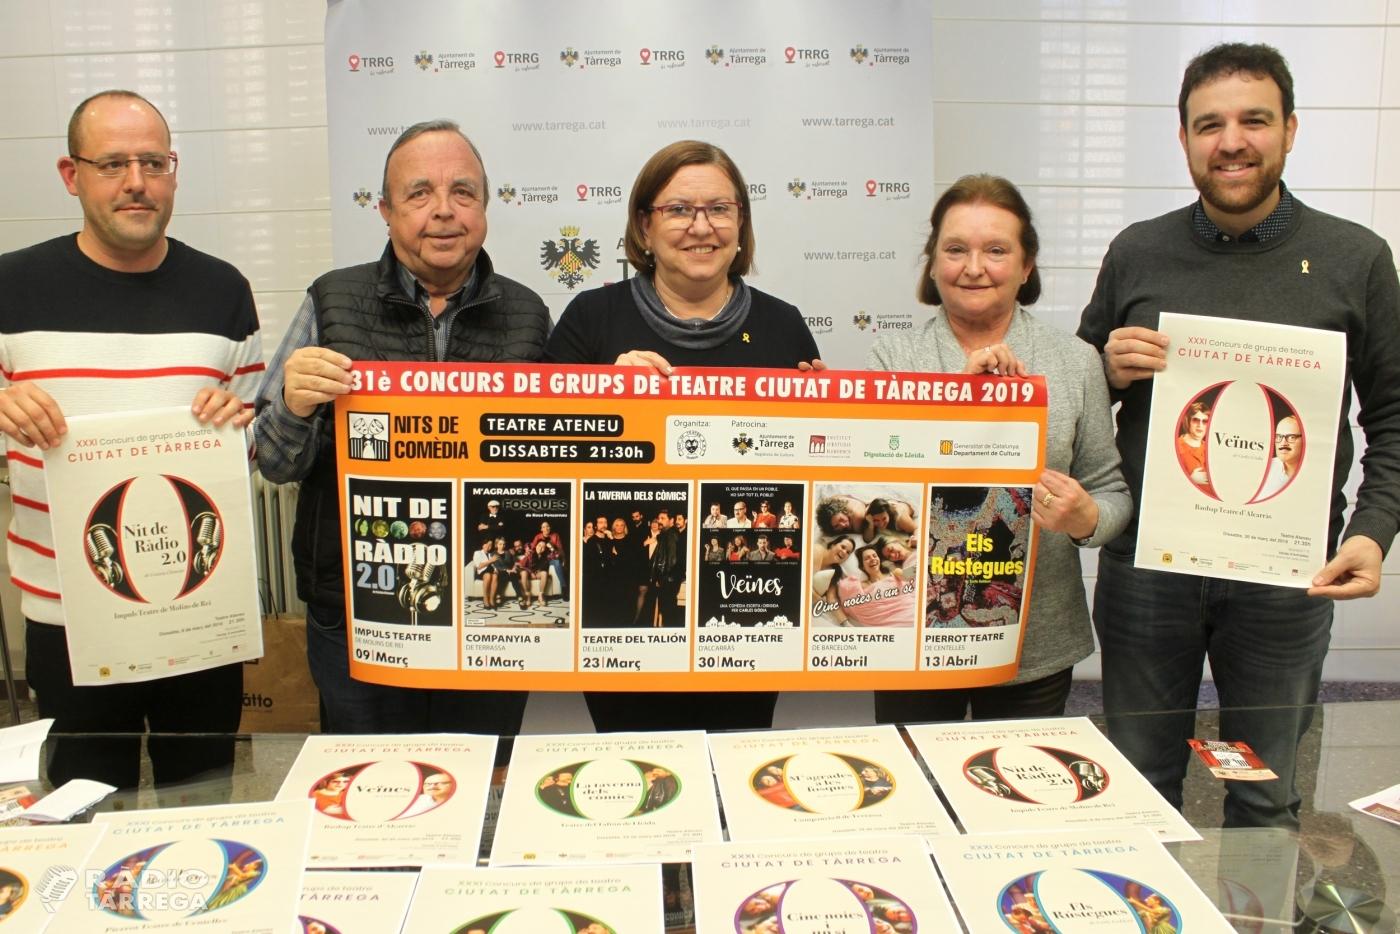 La 31 edició del Concurs de Grups de Teatre Ciutat de Tàrrega, del 9 de març al 13 d'abril, aposta pel gènere de la comèdia